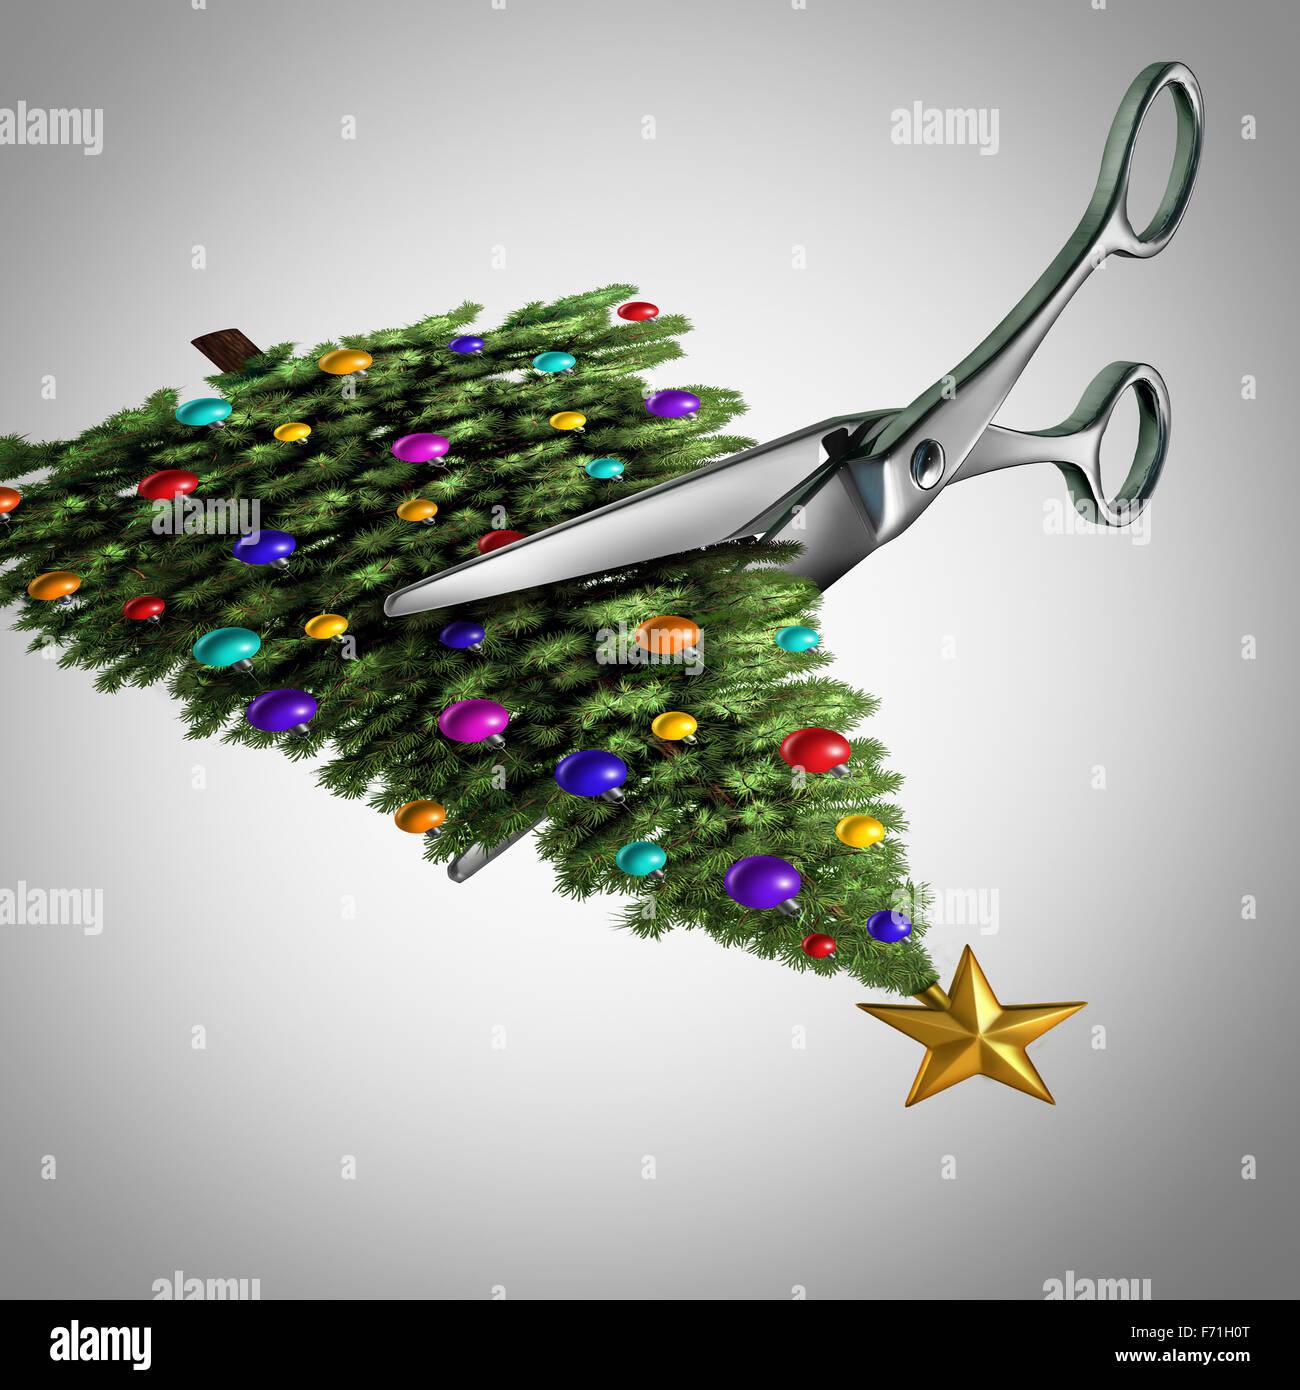 Cut back sul concetto di natale come il taglio a forbice una foto di un albero di Natale decorato come una metafora Immagini Stock